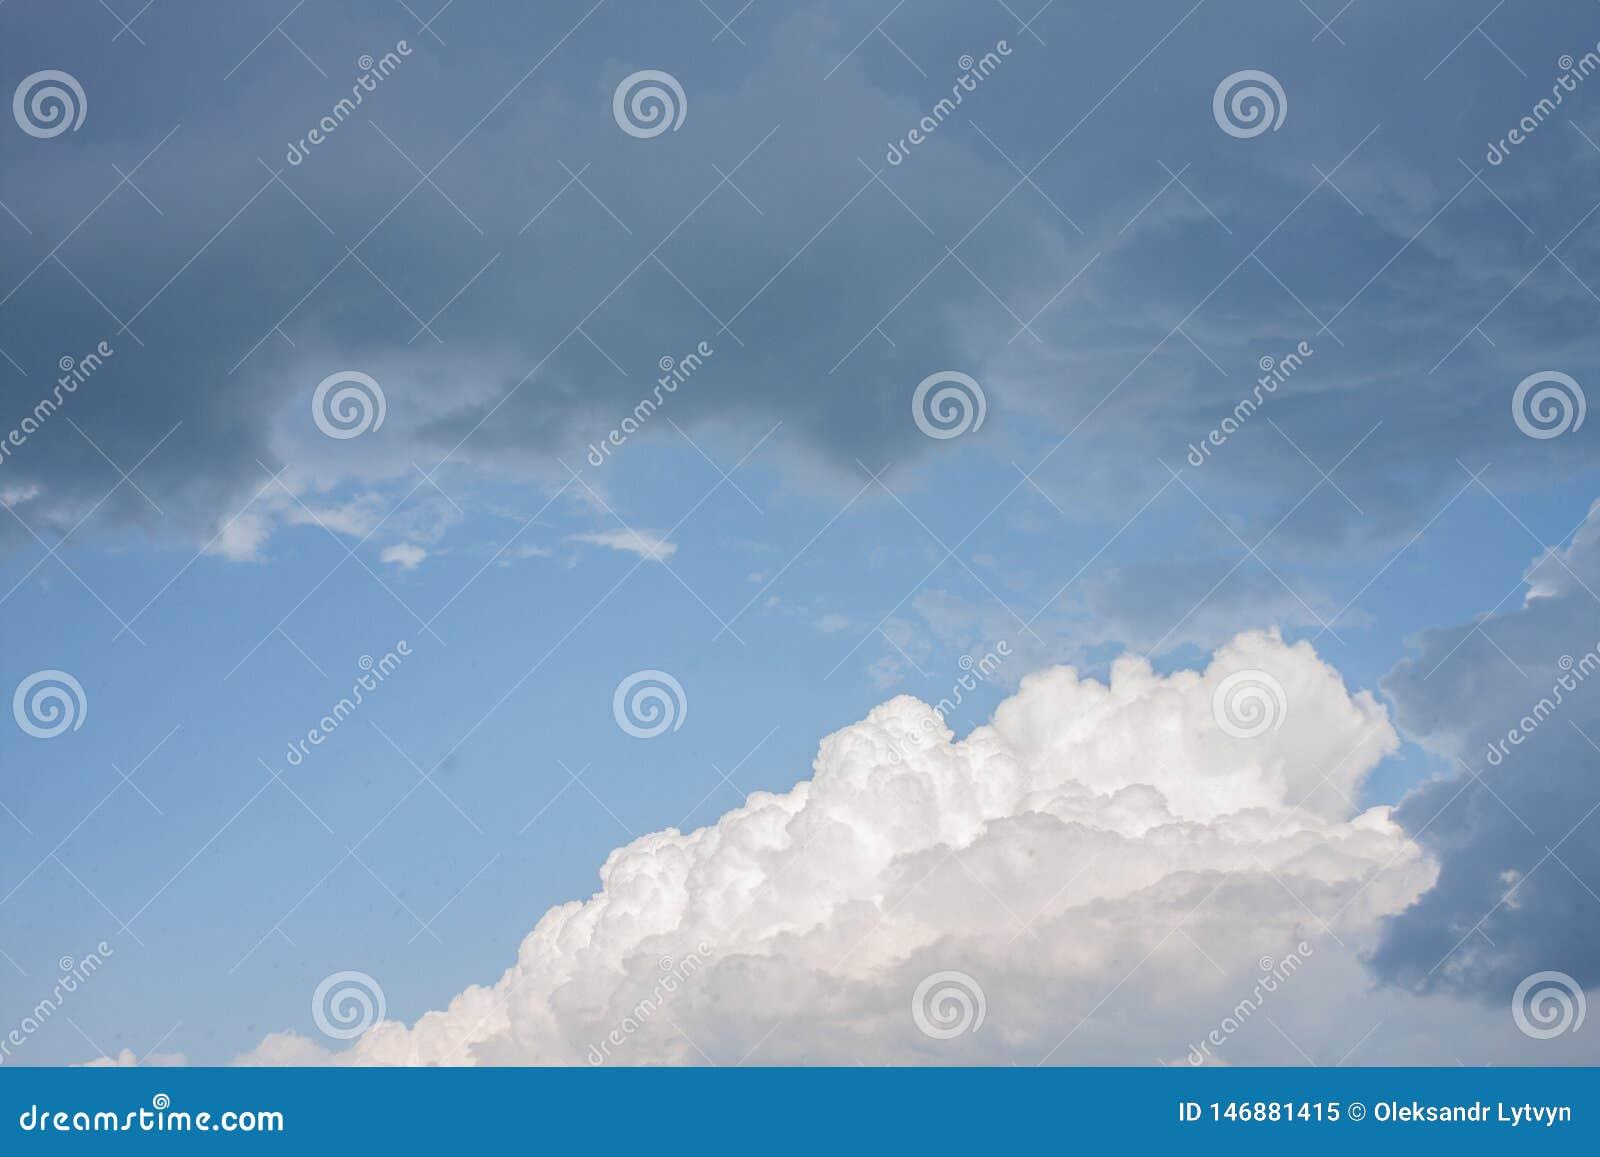 Cielo azul hermoso de la Pre-tormenta con las nubes blancas y negras